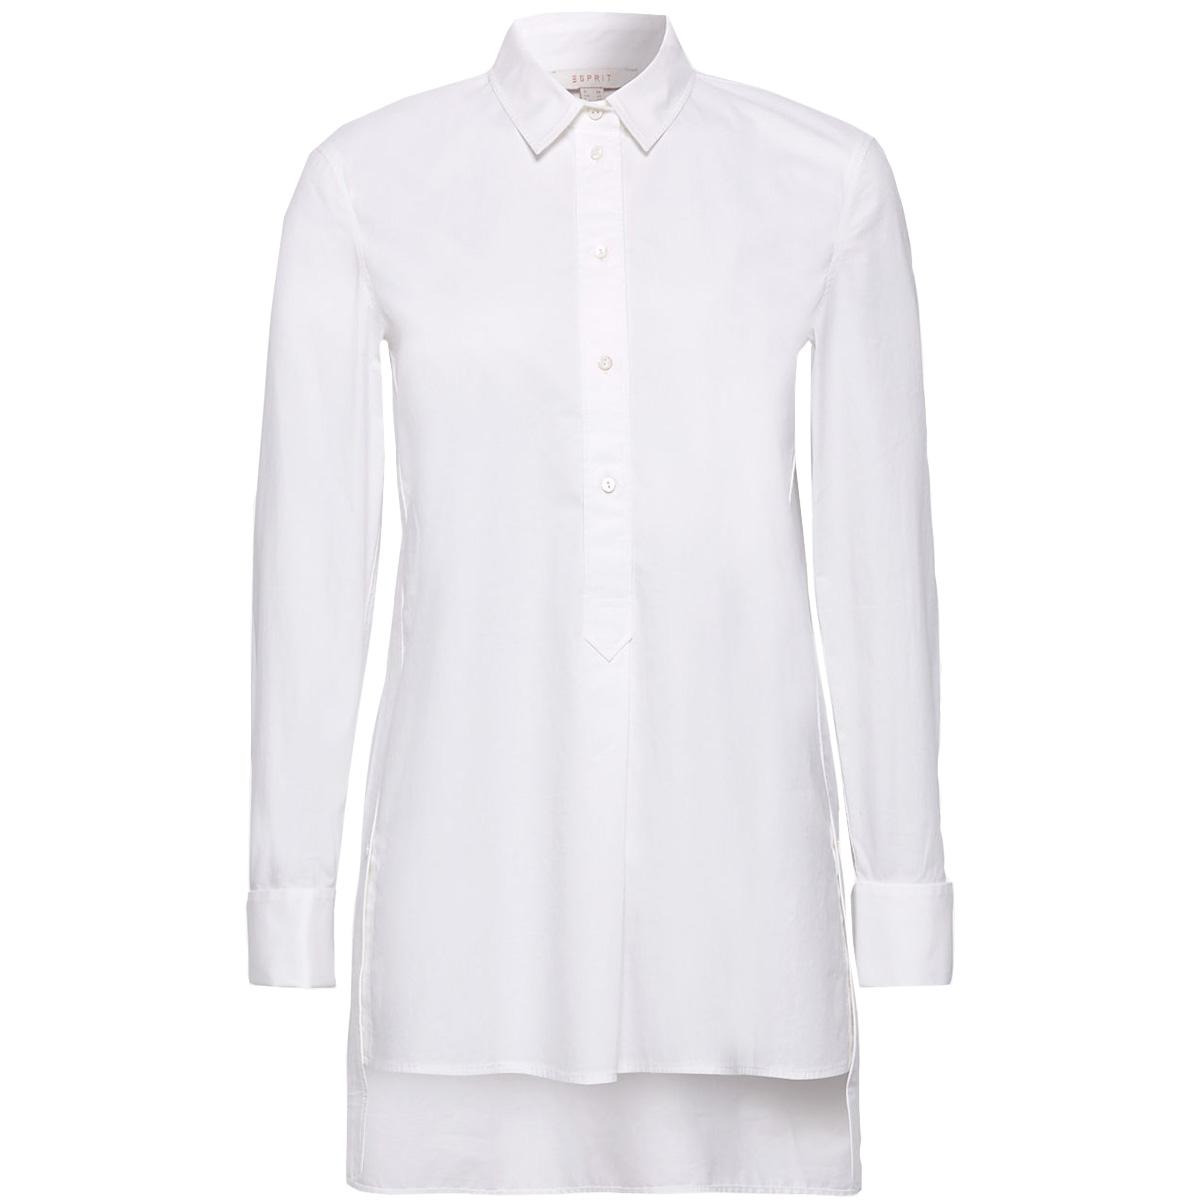 128ee1f007 esprit blouse e100